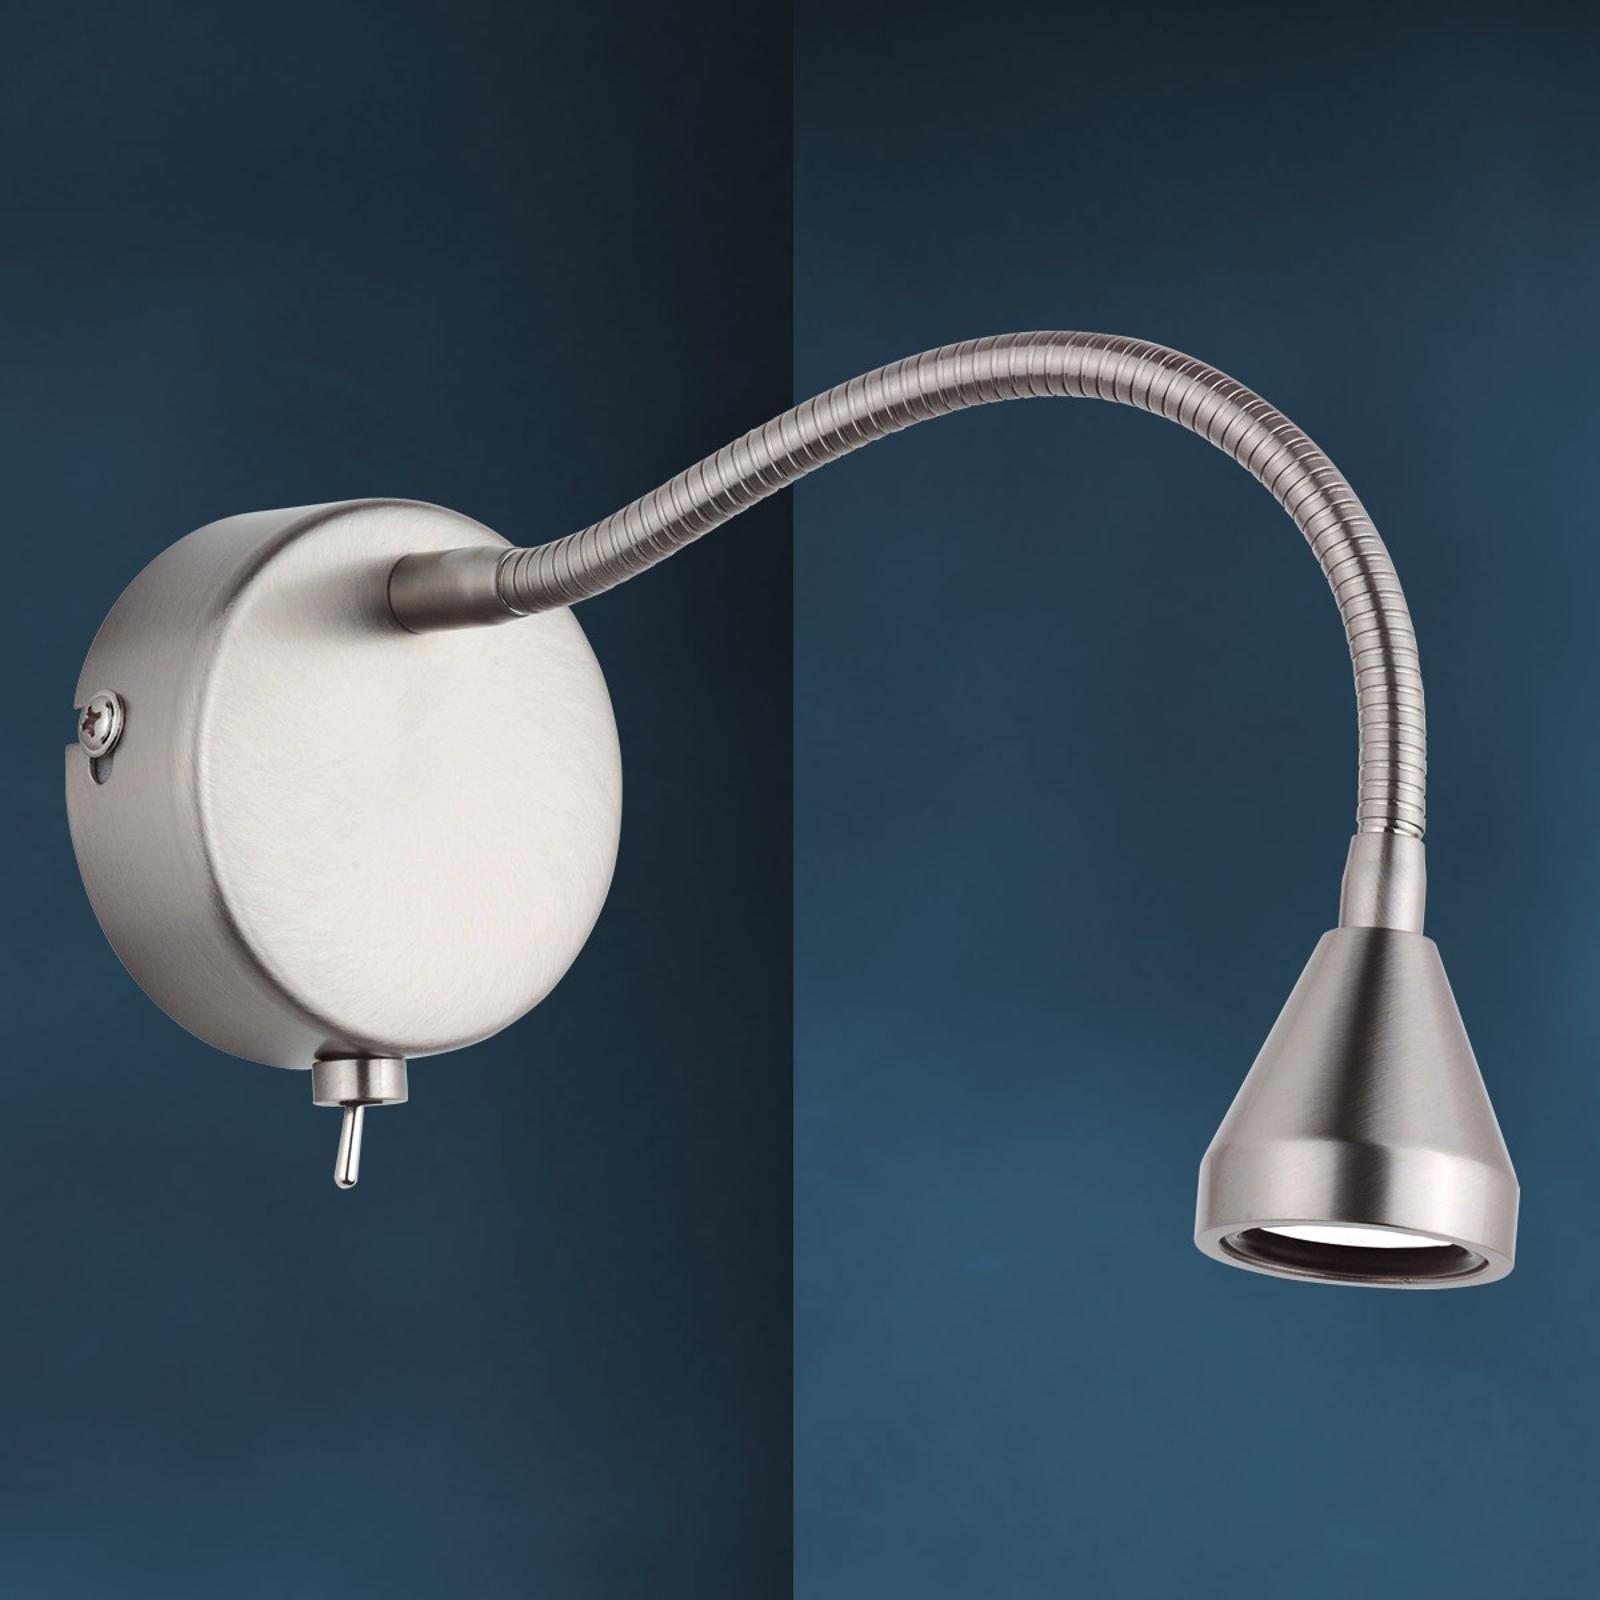 LED nástěnné světlo MINI, flex. rameno, bílá